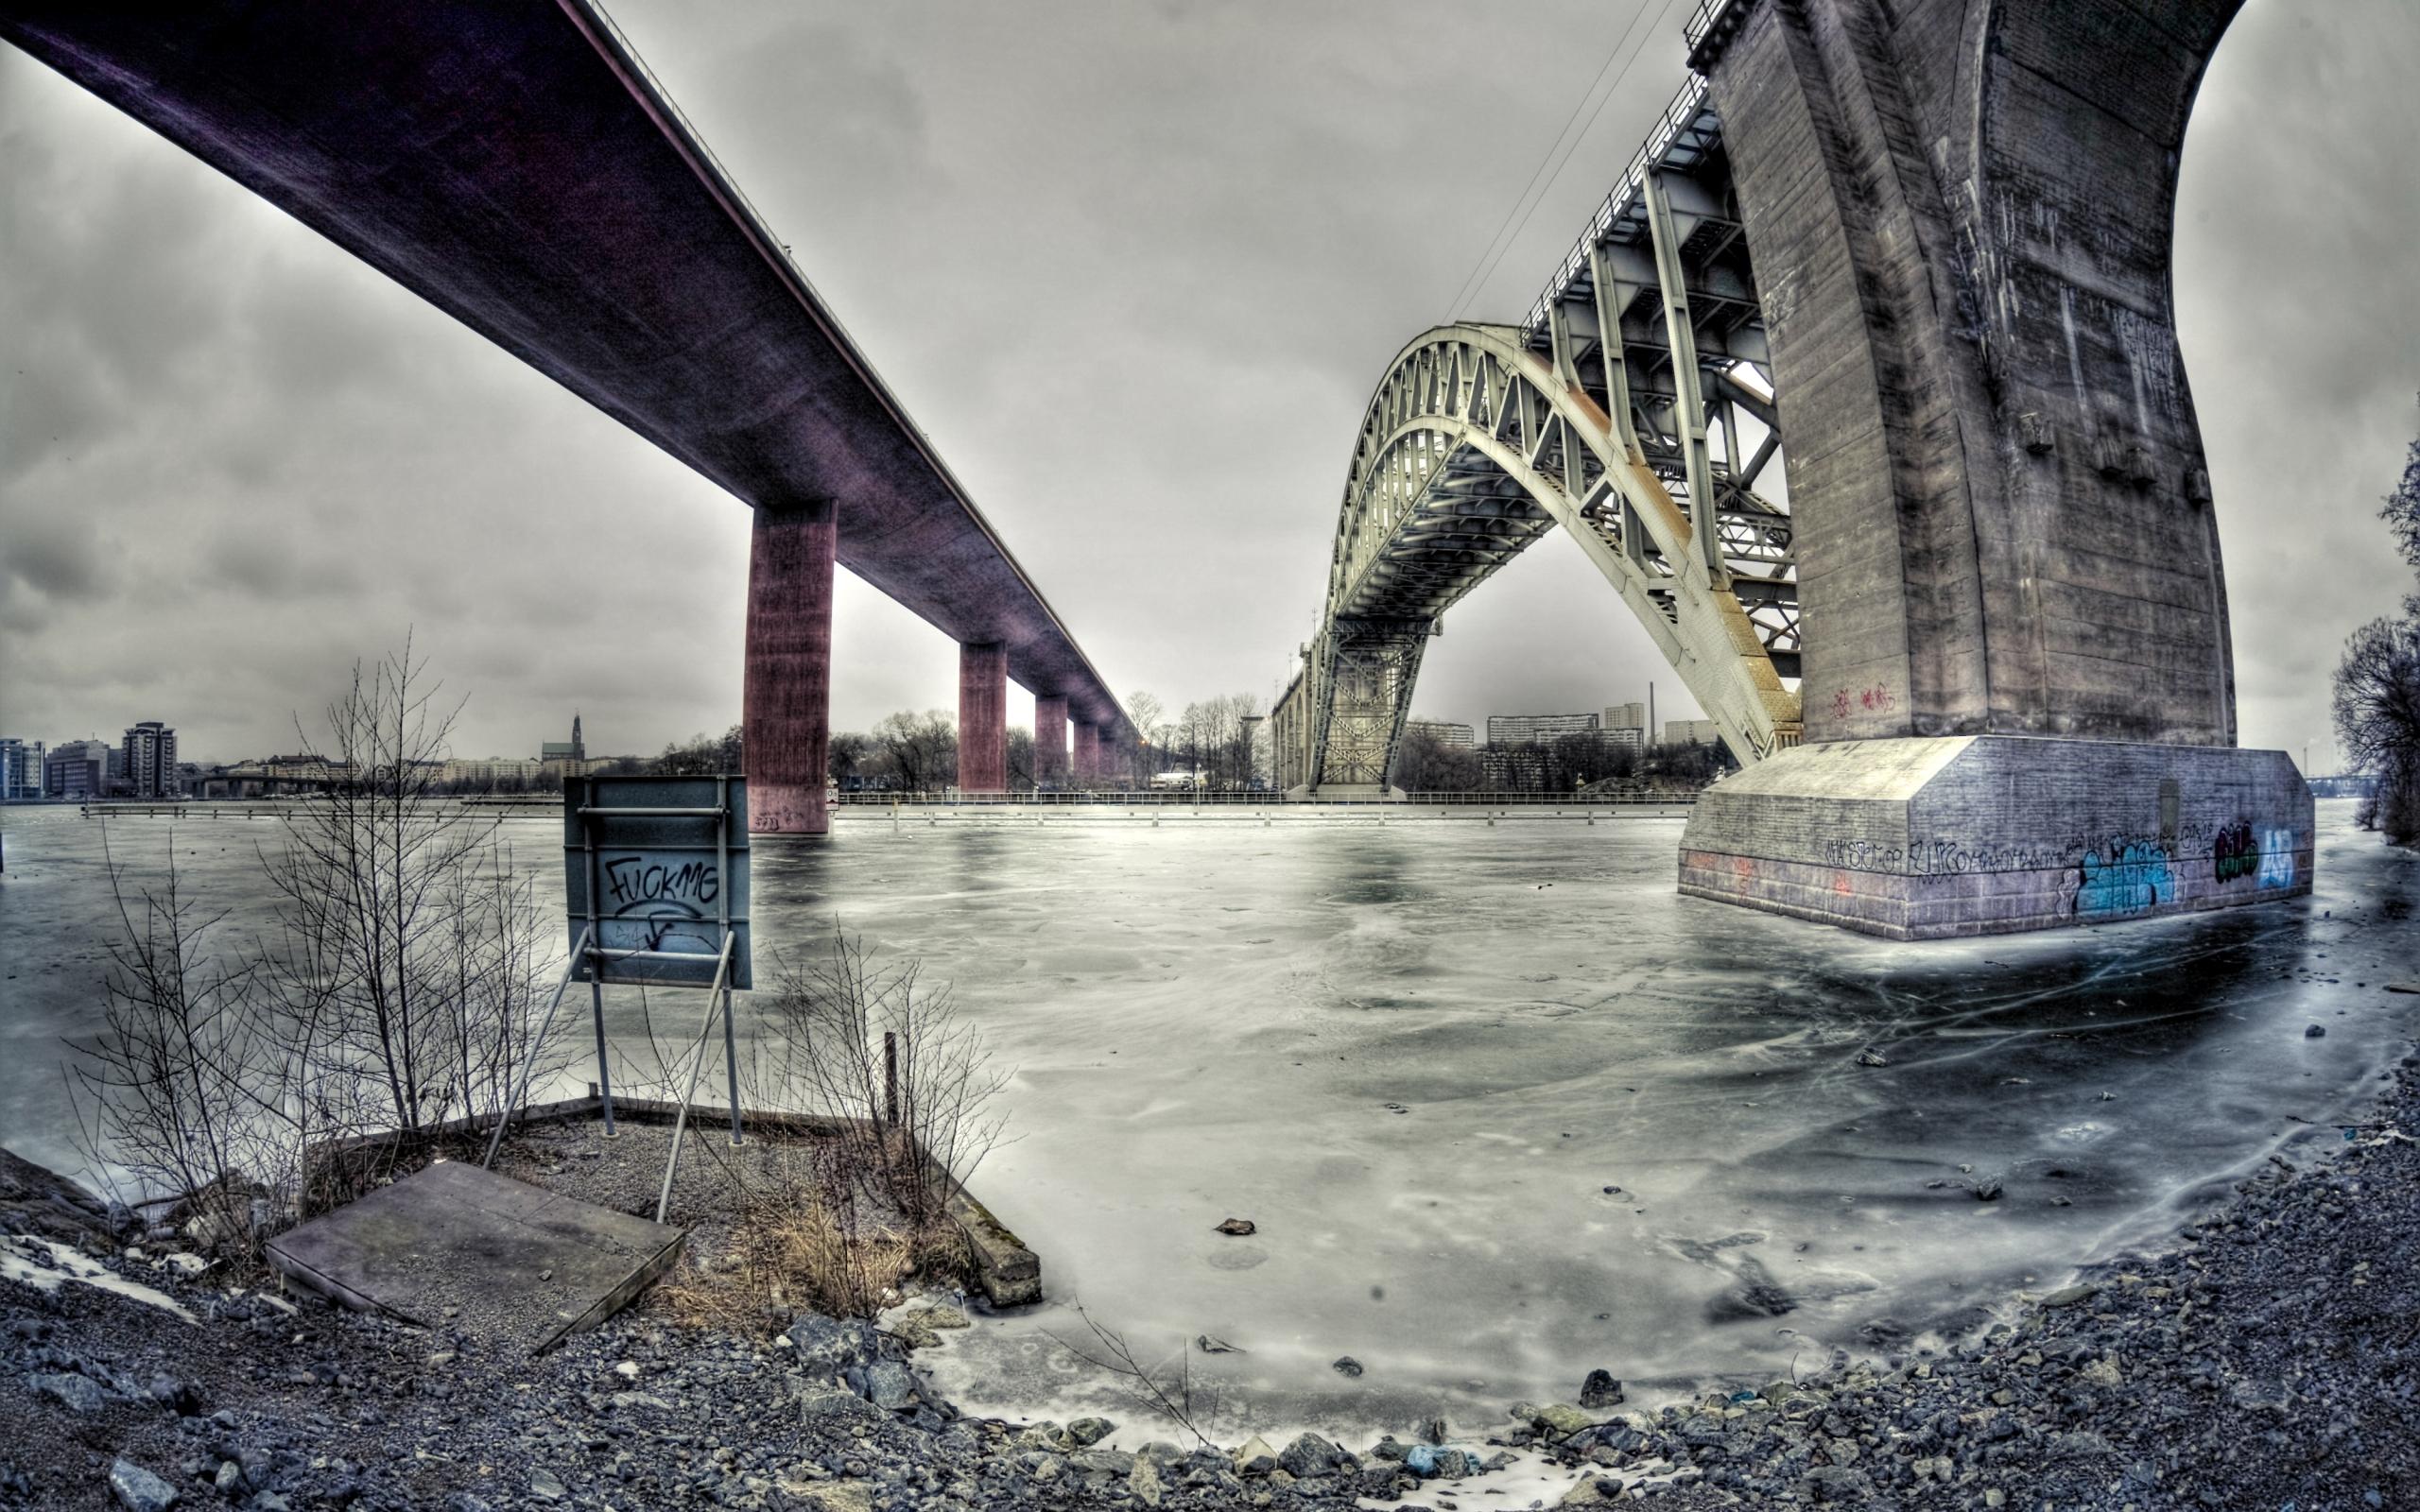 25625 скачать обои Пейзаж, Города, Река, Мосты, Архитектура - заставки и картинки бесплатно